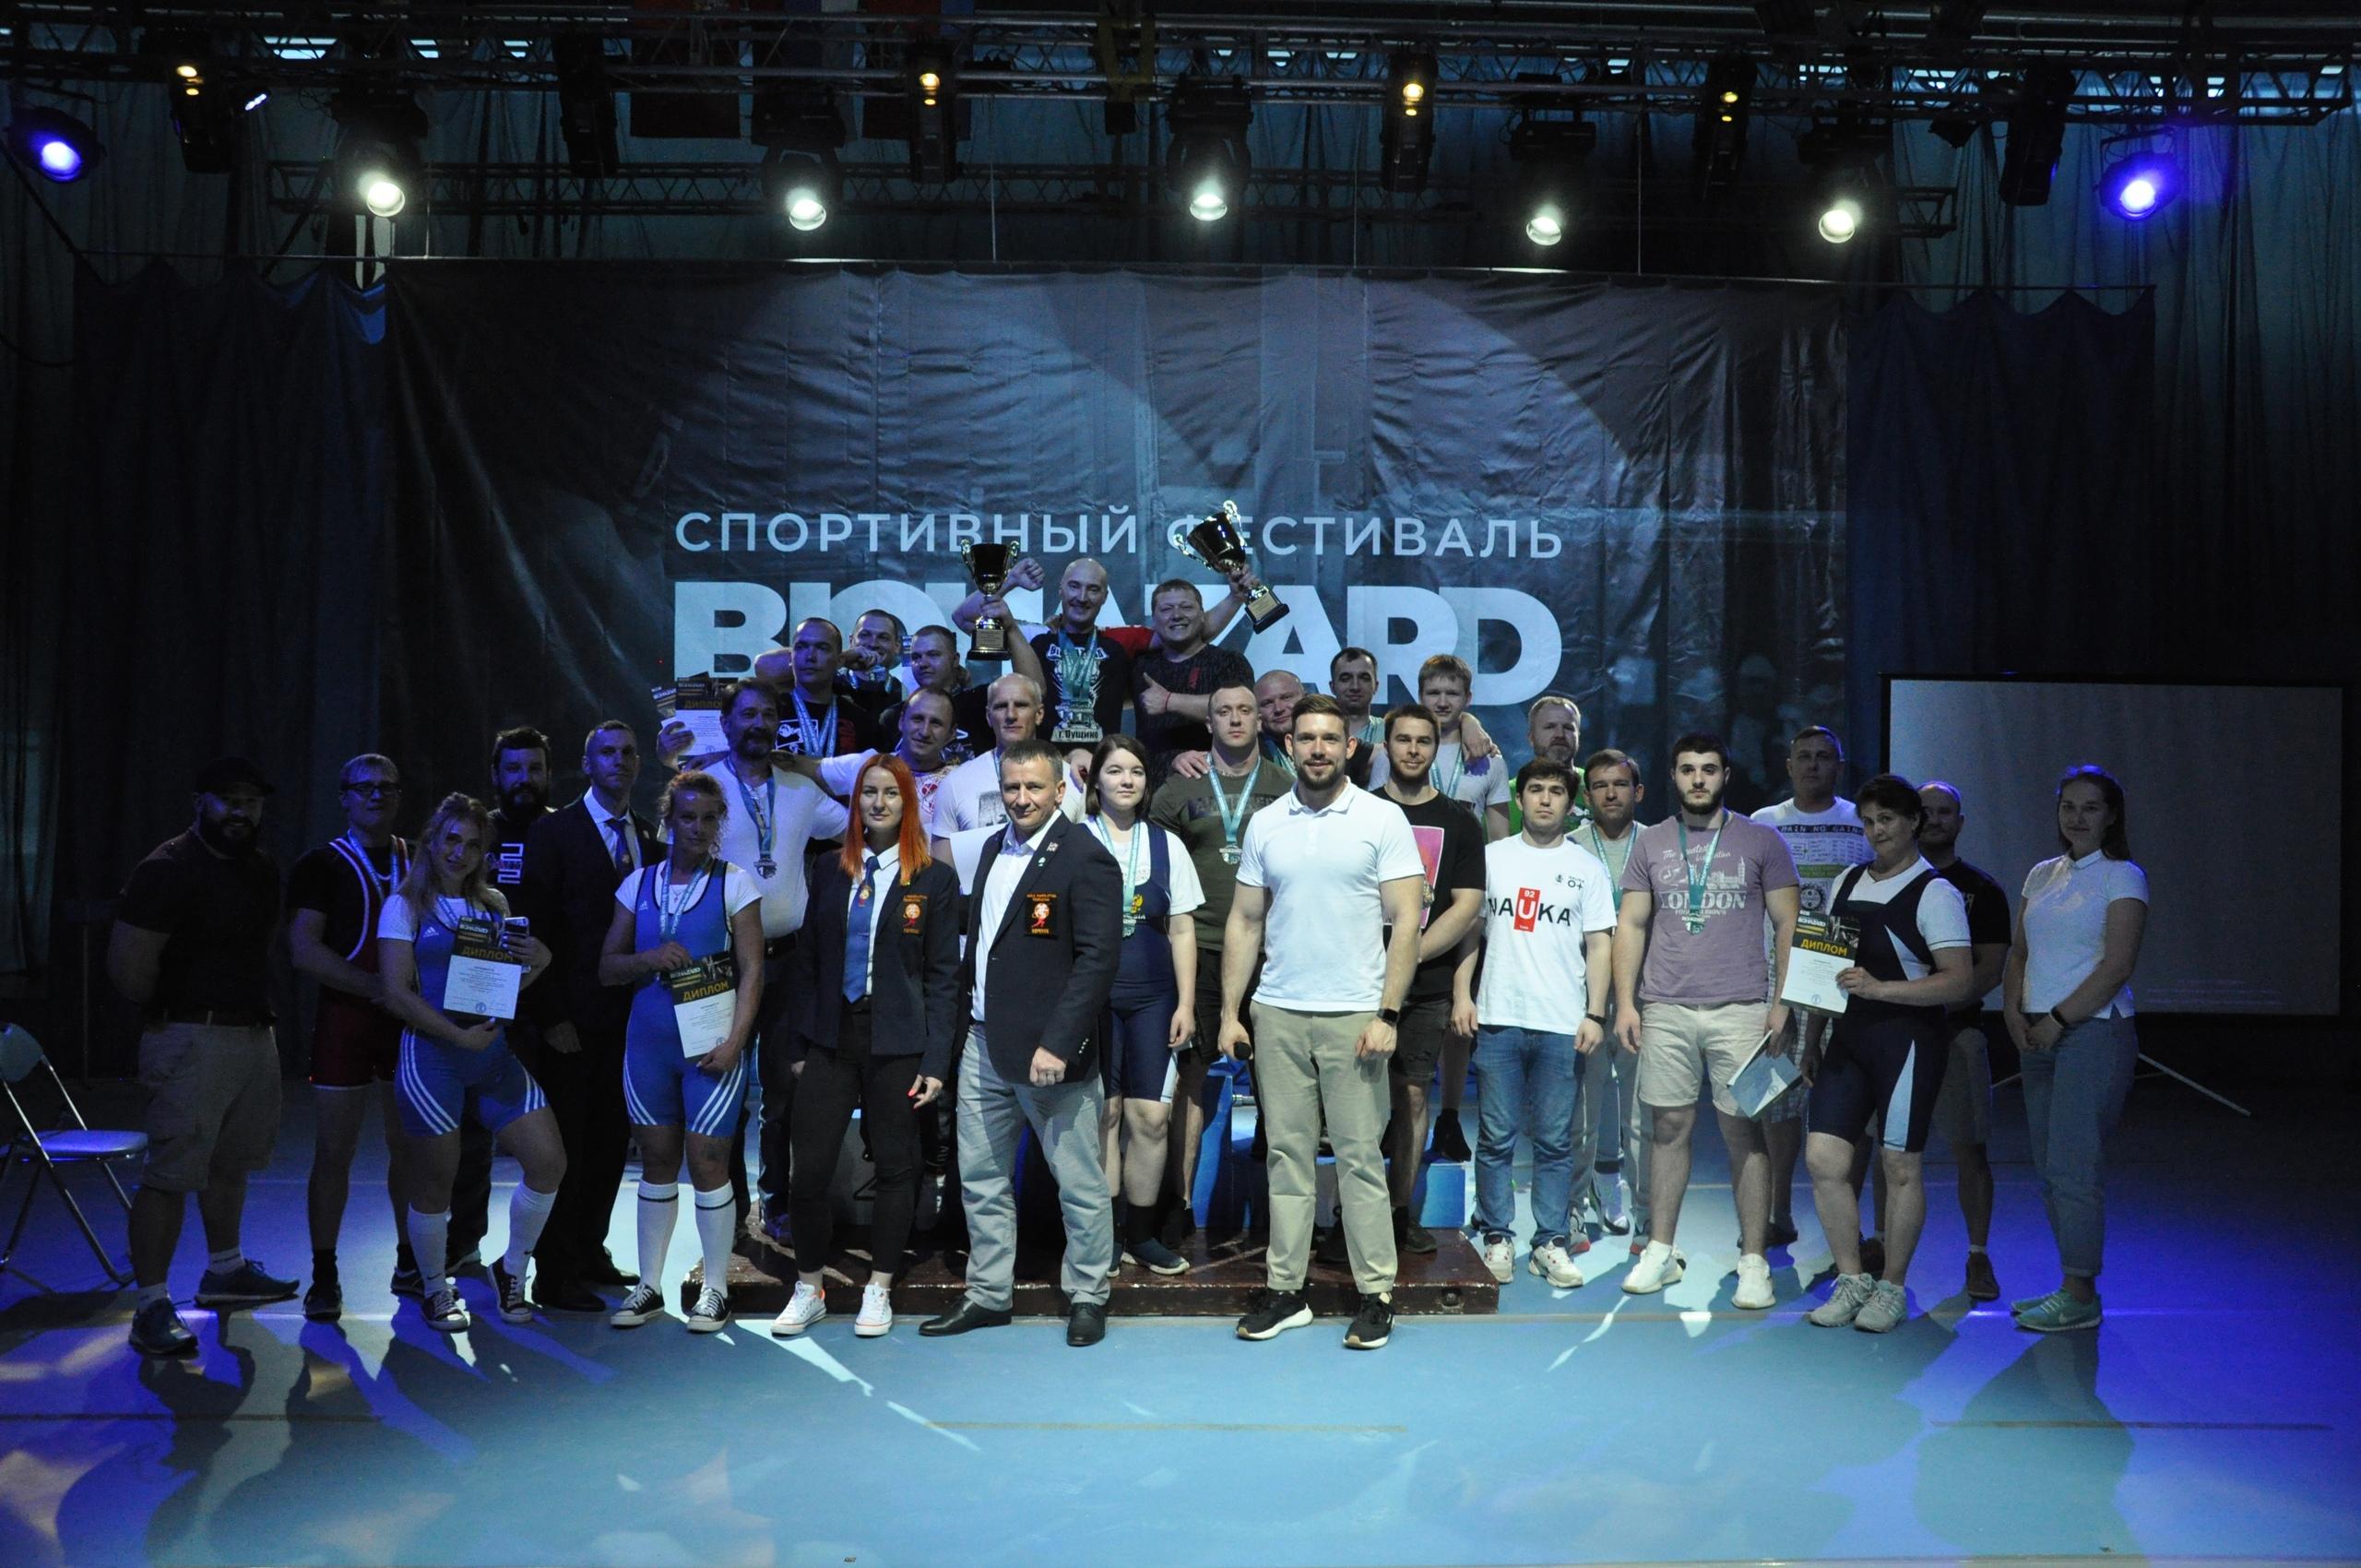 22-23 мая в универсальном зале Дворца спорта «Ока» прошел спортивный фестиваль «BIOHAZARD».